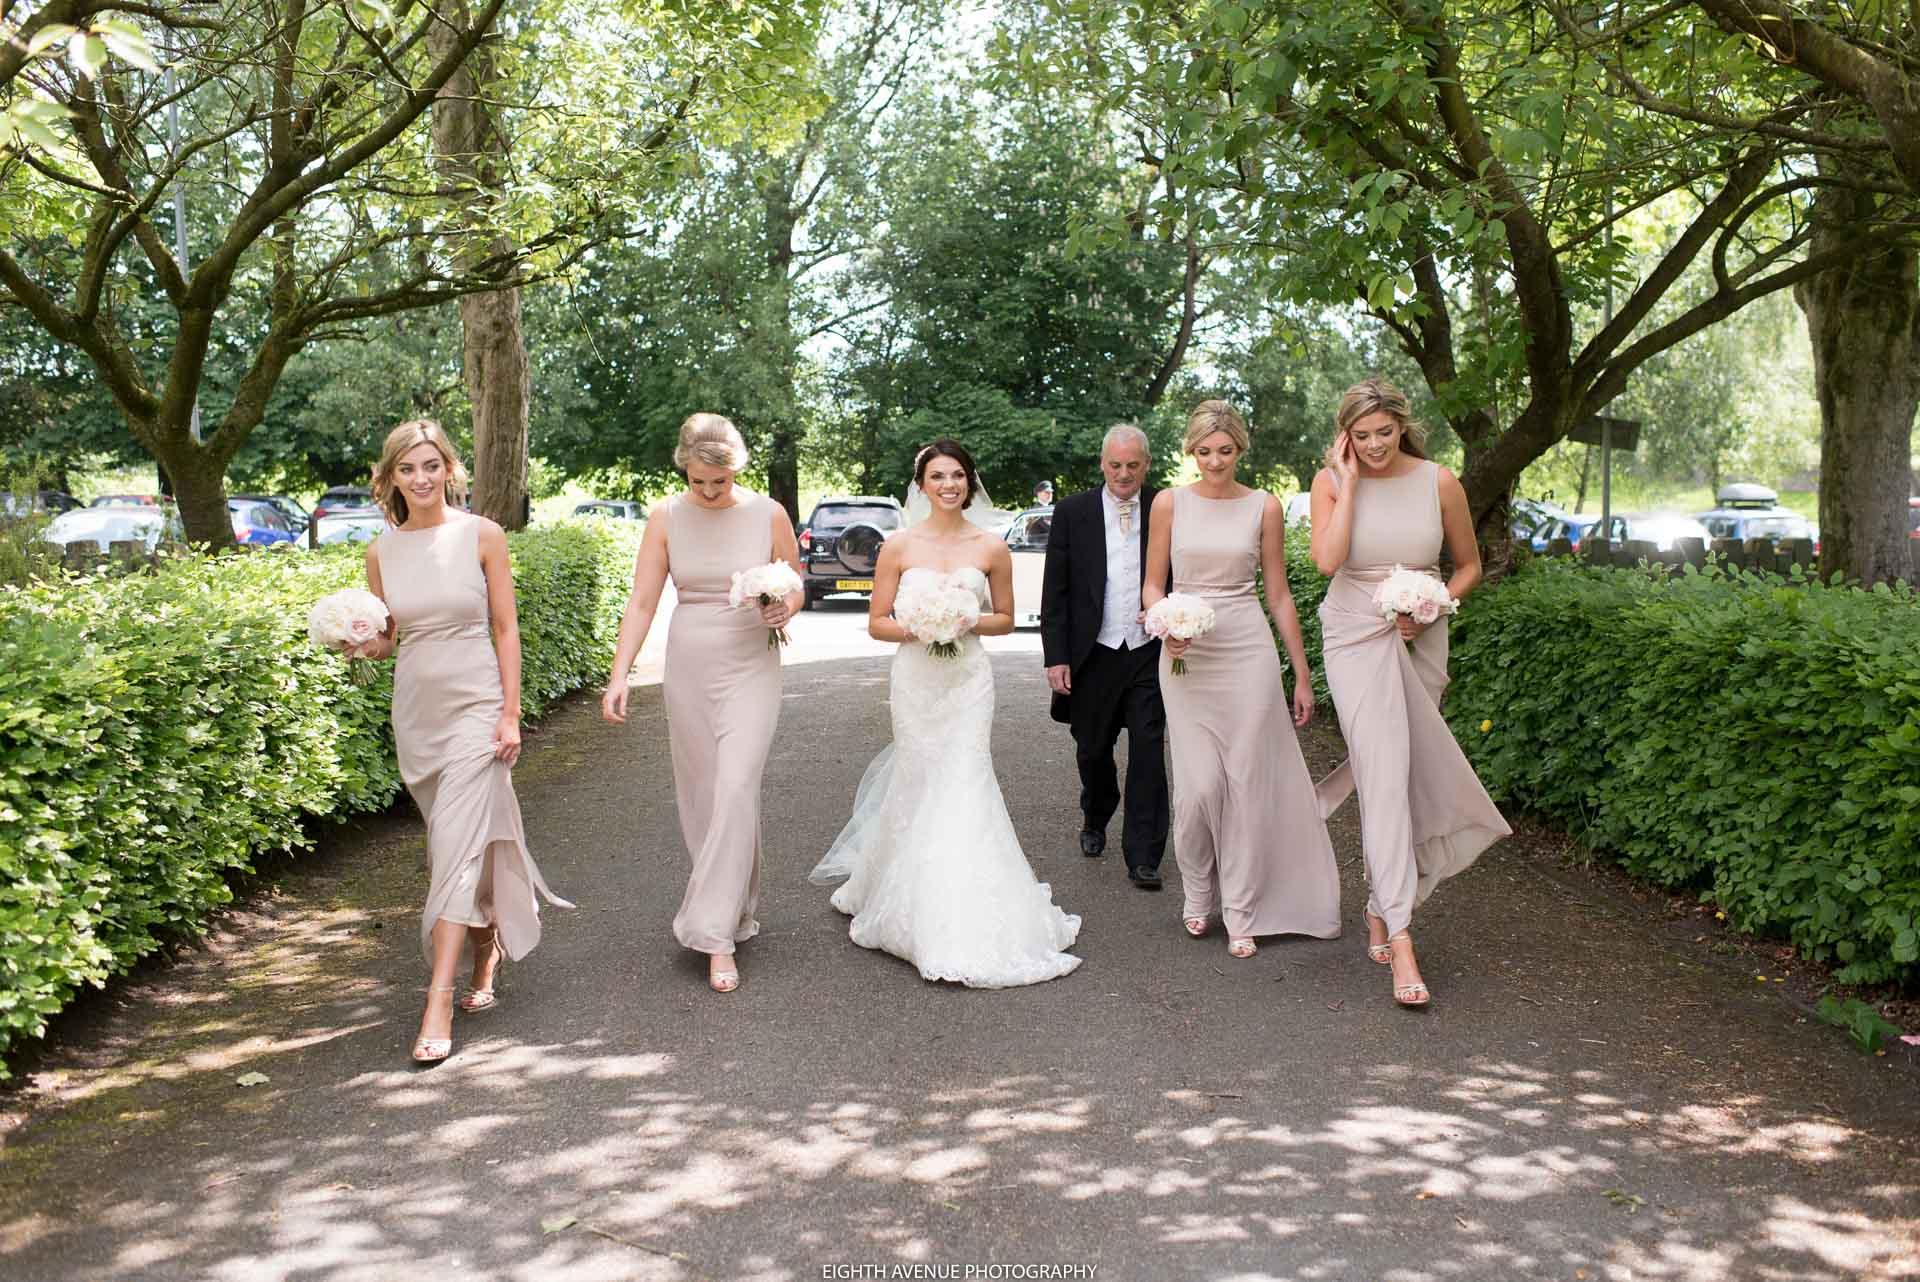 Bridesmaids and bride walking to church